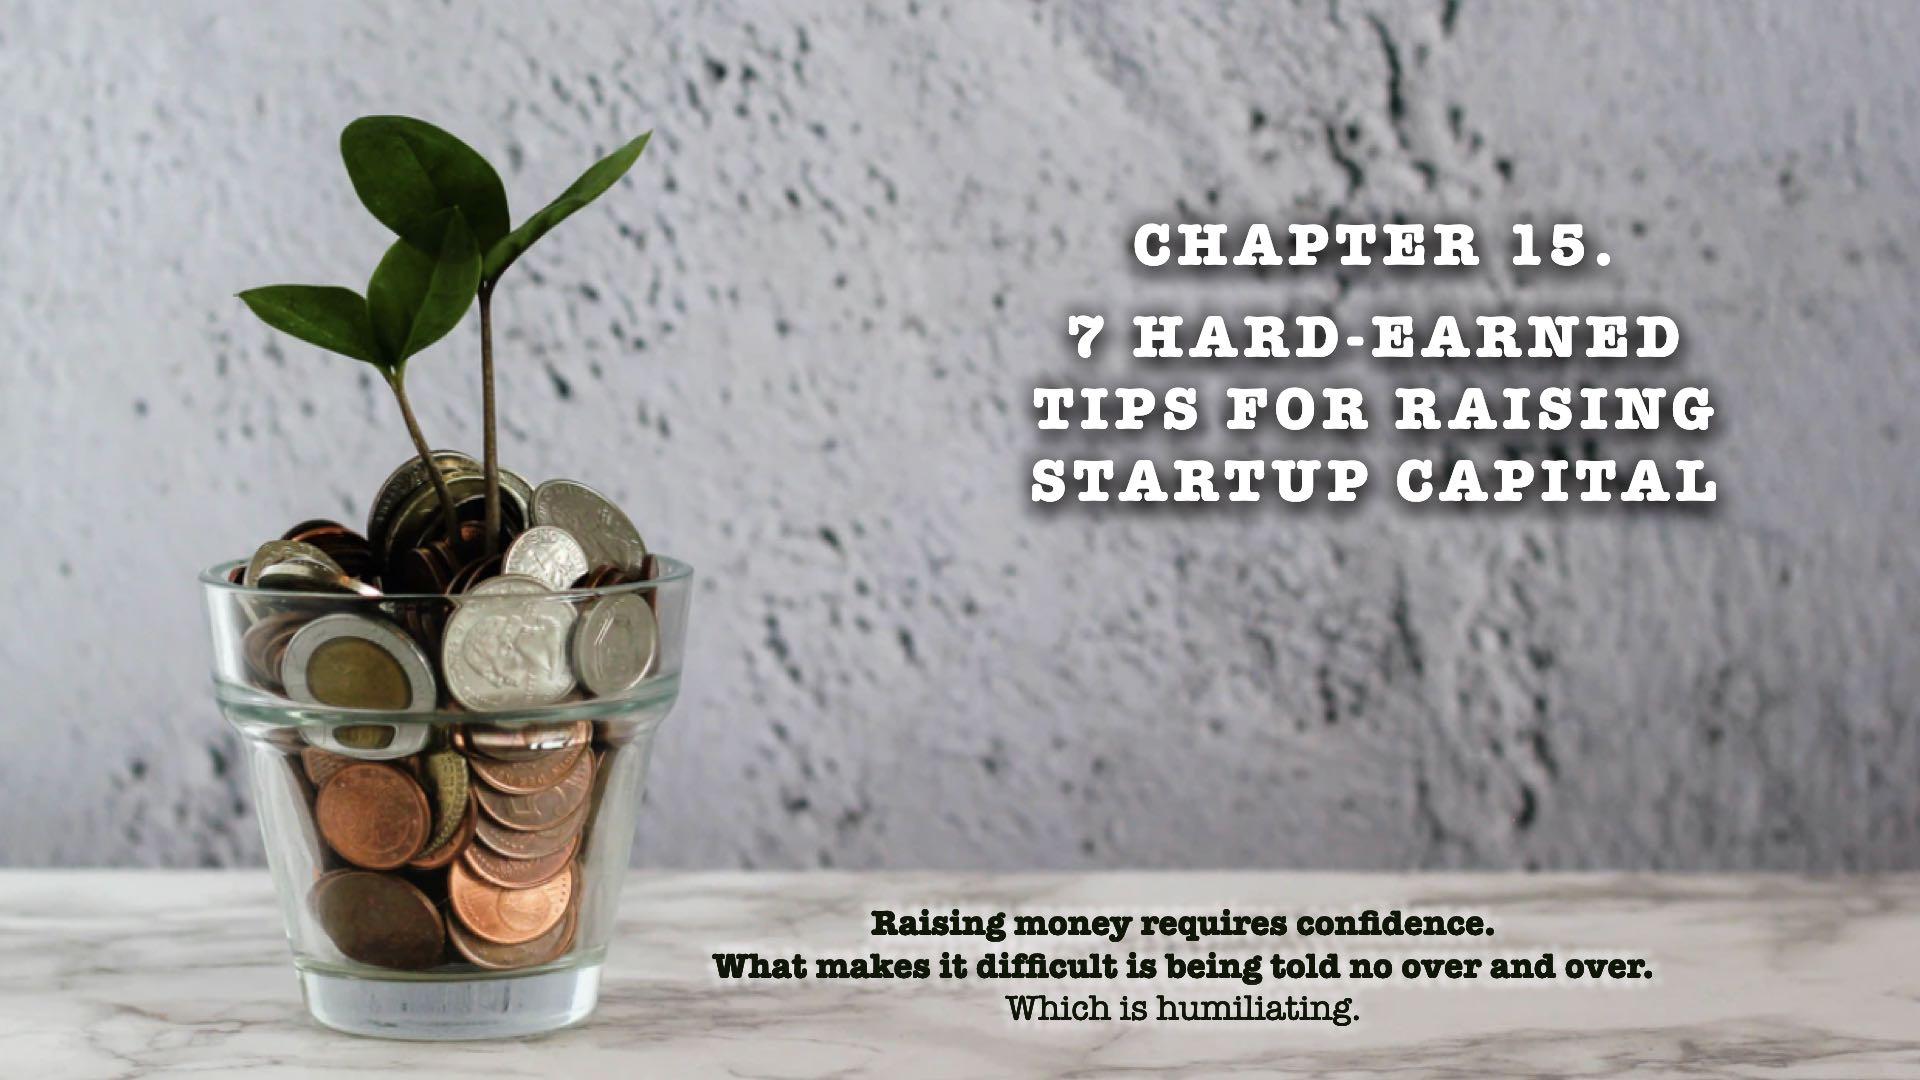 7 Hard-Earned Tips for Raising Startup Capital